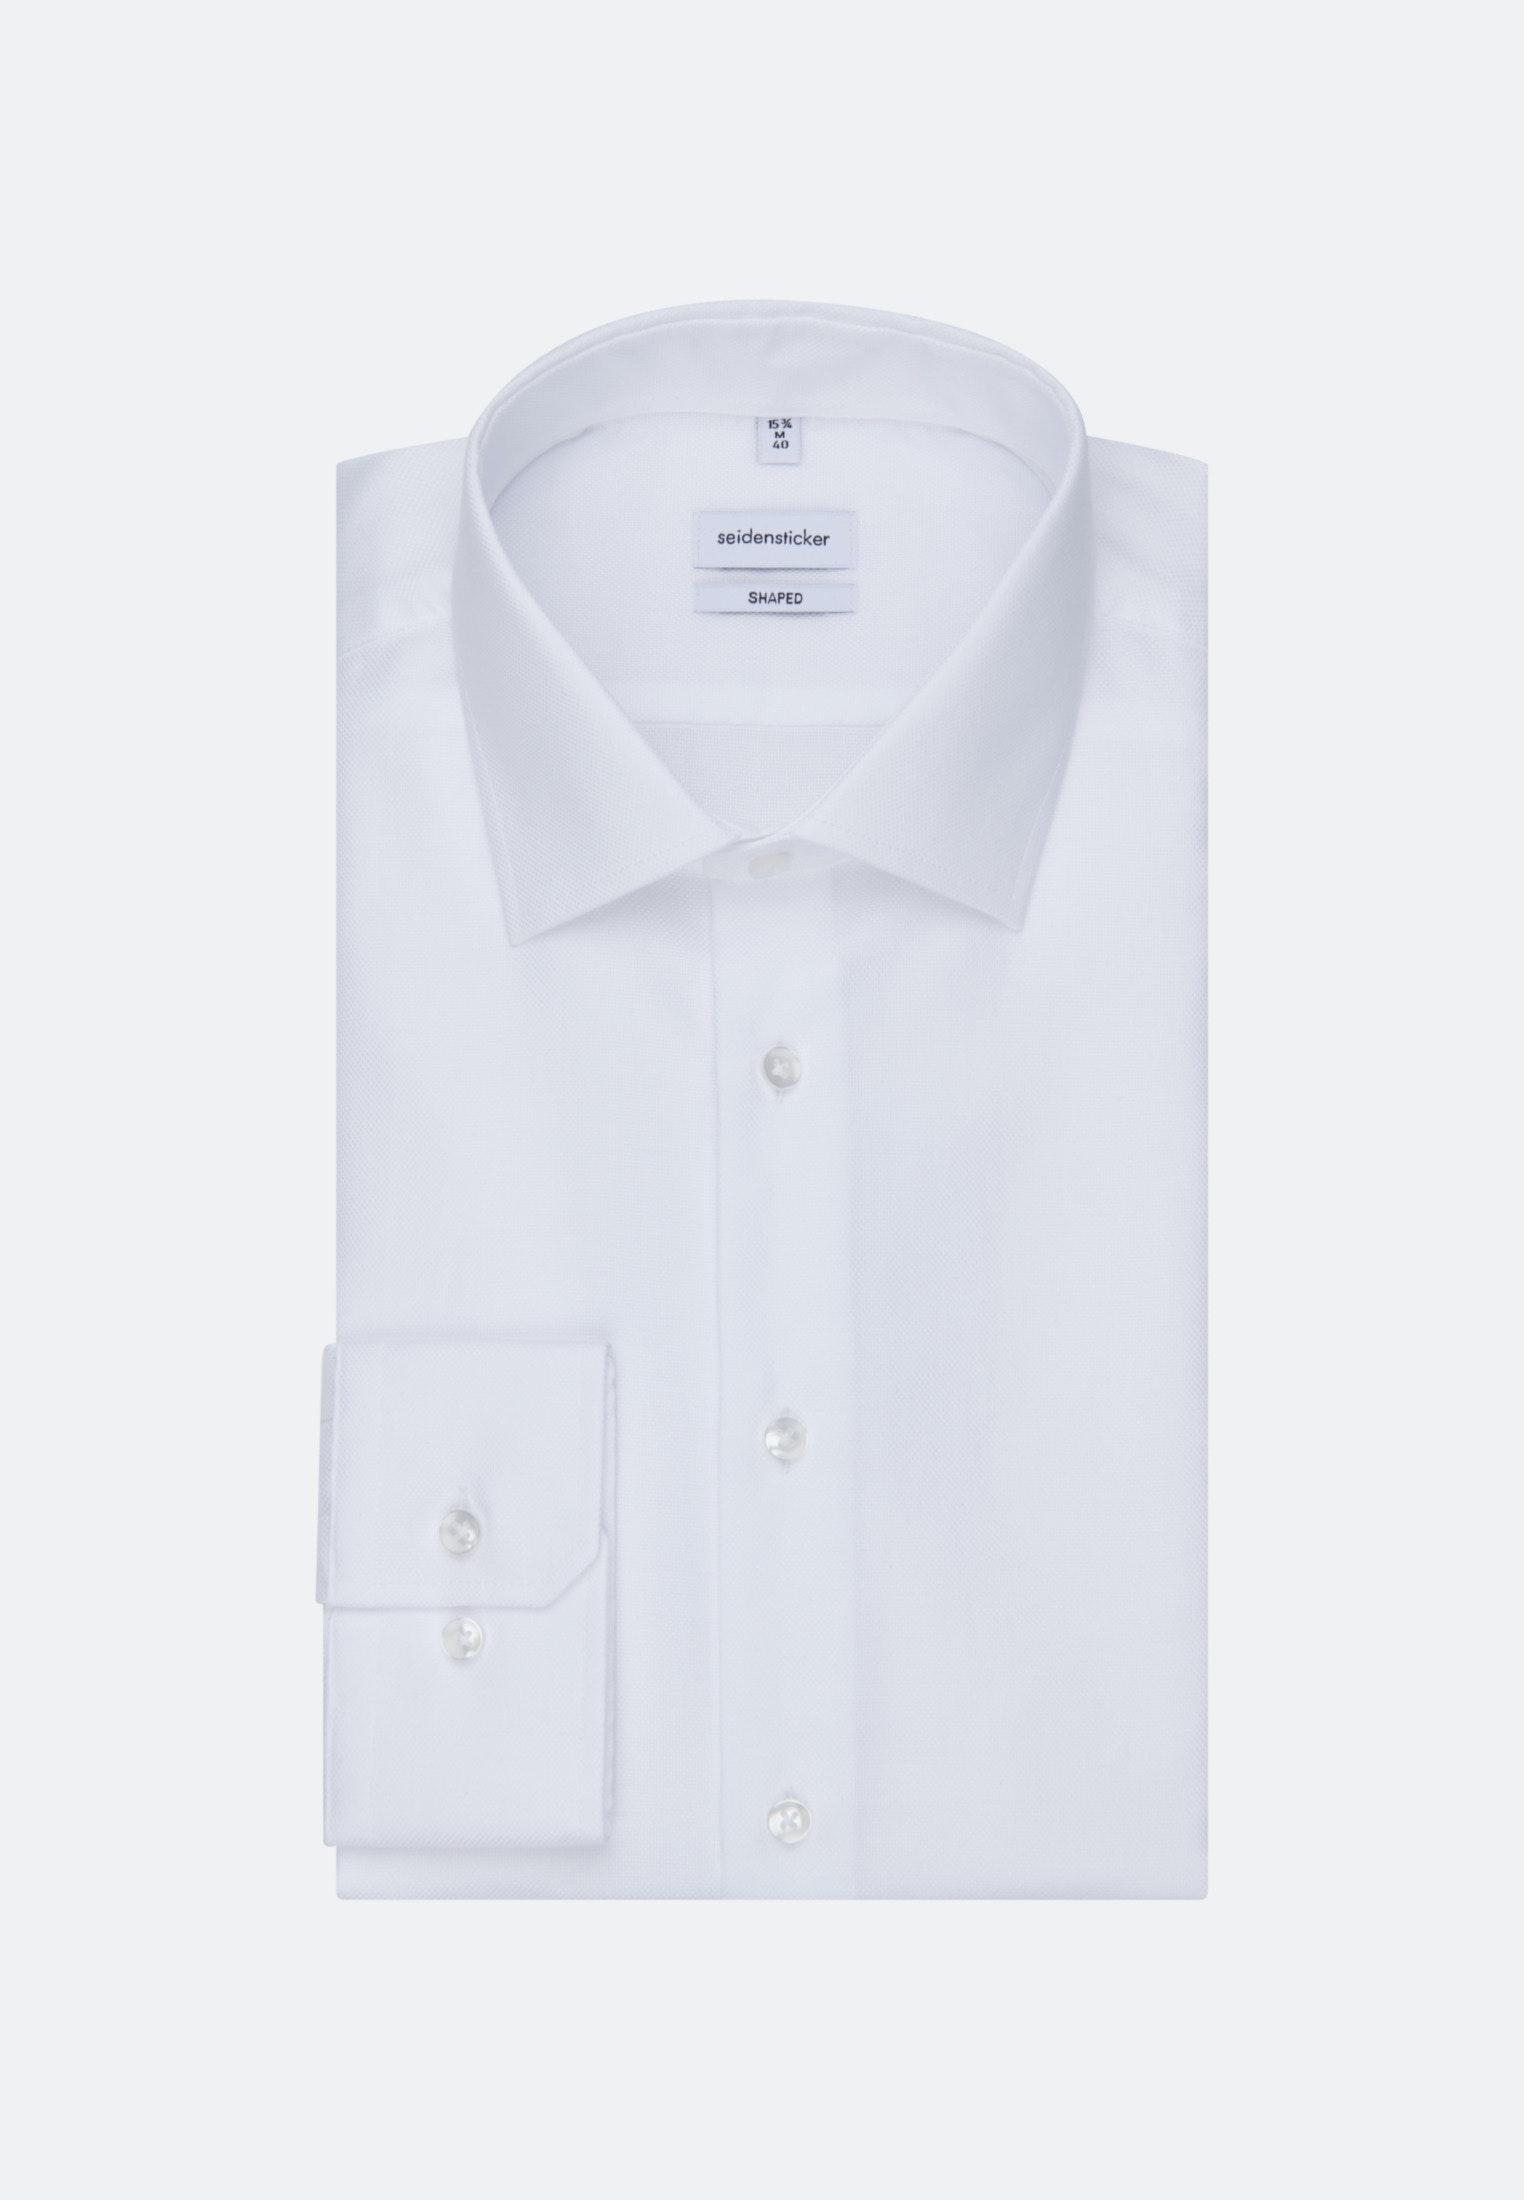 Artikel klicken und genauer betrachten! - Mit extra langem Arm und klassischem Business Kent-Kragen überzeugt dieses Shaped Herren-Hemd von Seidensticker. Genügend Raum in der Schulterpartie schafft Bewegungsfreiheit, zugleich sorgt der taillierte Schnitt für eine schmale Silhouette. Die reine Struktur-Baumwolle sorgt für optimalen Tragekomfort und bietet eine griffige Haptik. | im Online Shop kaufen